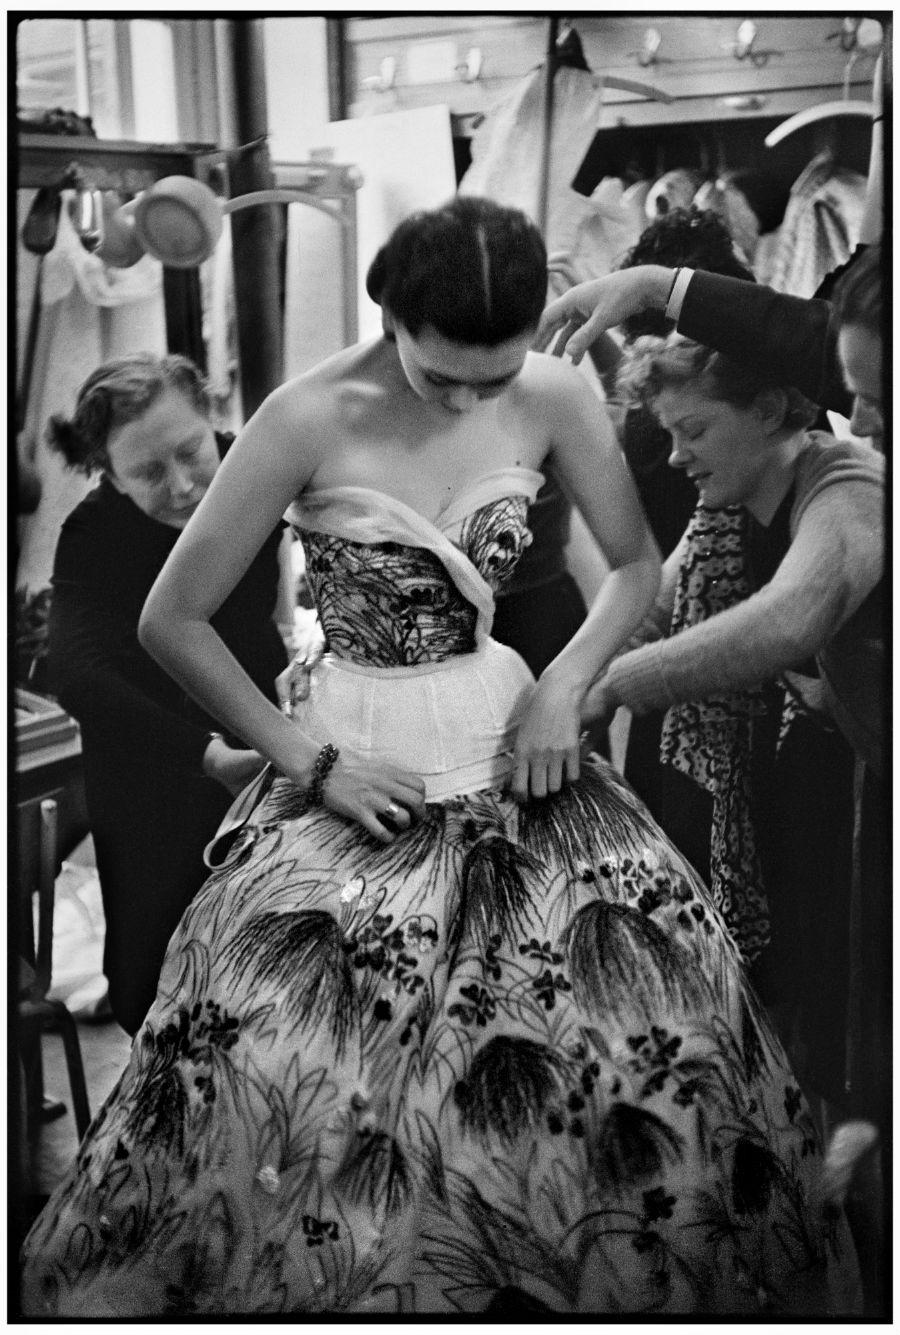 Henri Cartier-Bresson, le mannequin Alla revêt la robe May dans la cabine lors de la Première, 1953 © henri Cartier-Bresson / Magnum Photos